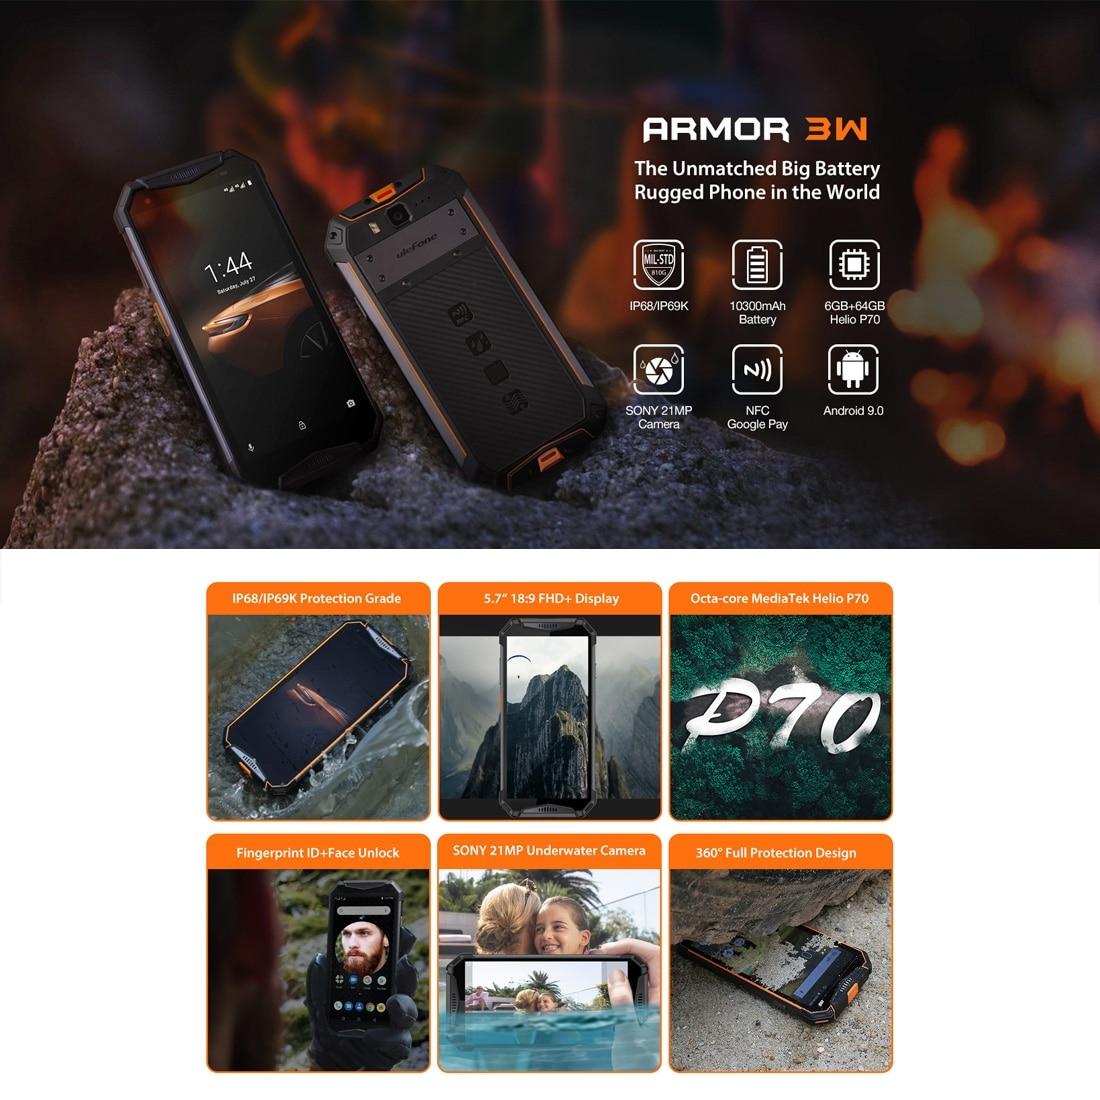 Ulefone Armor 3W Rugged Phone Dual 4G 6GB+64GB (Orange) - 3